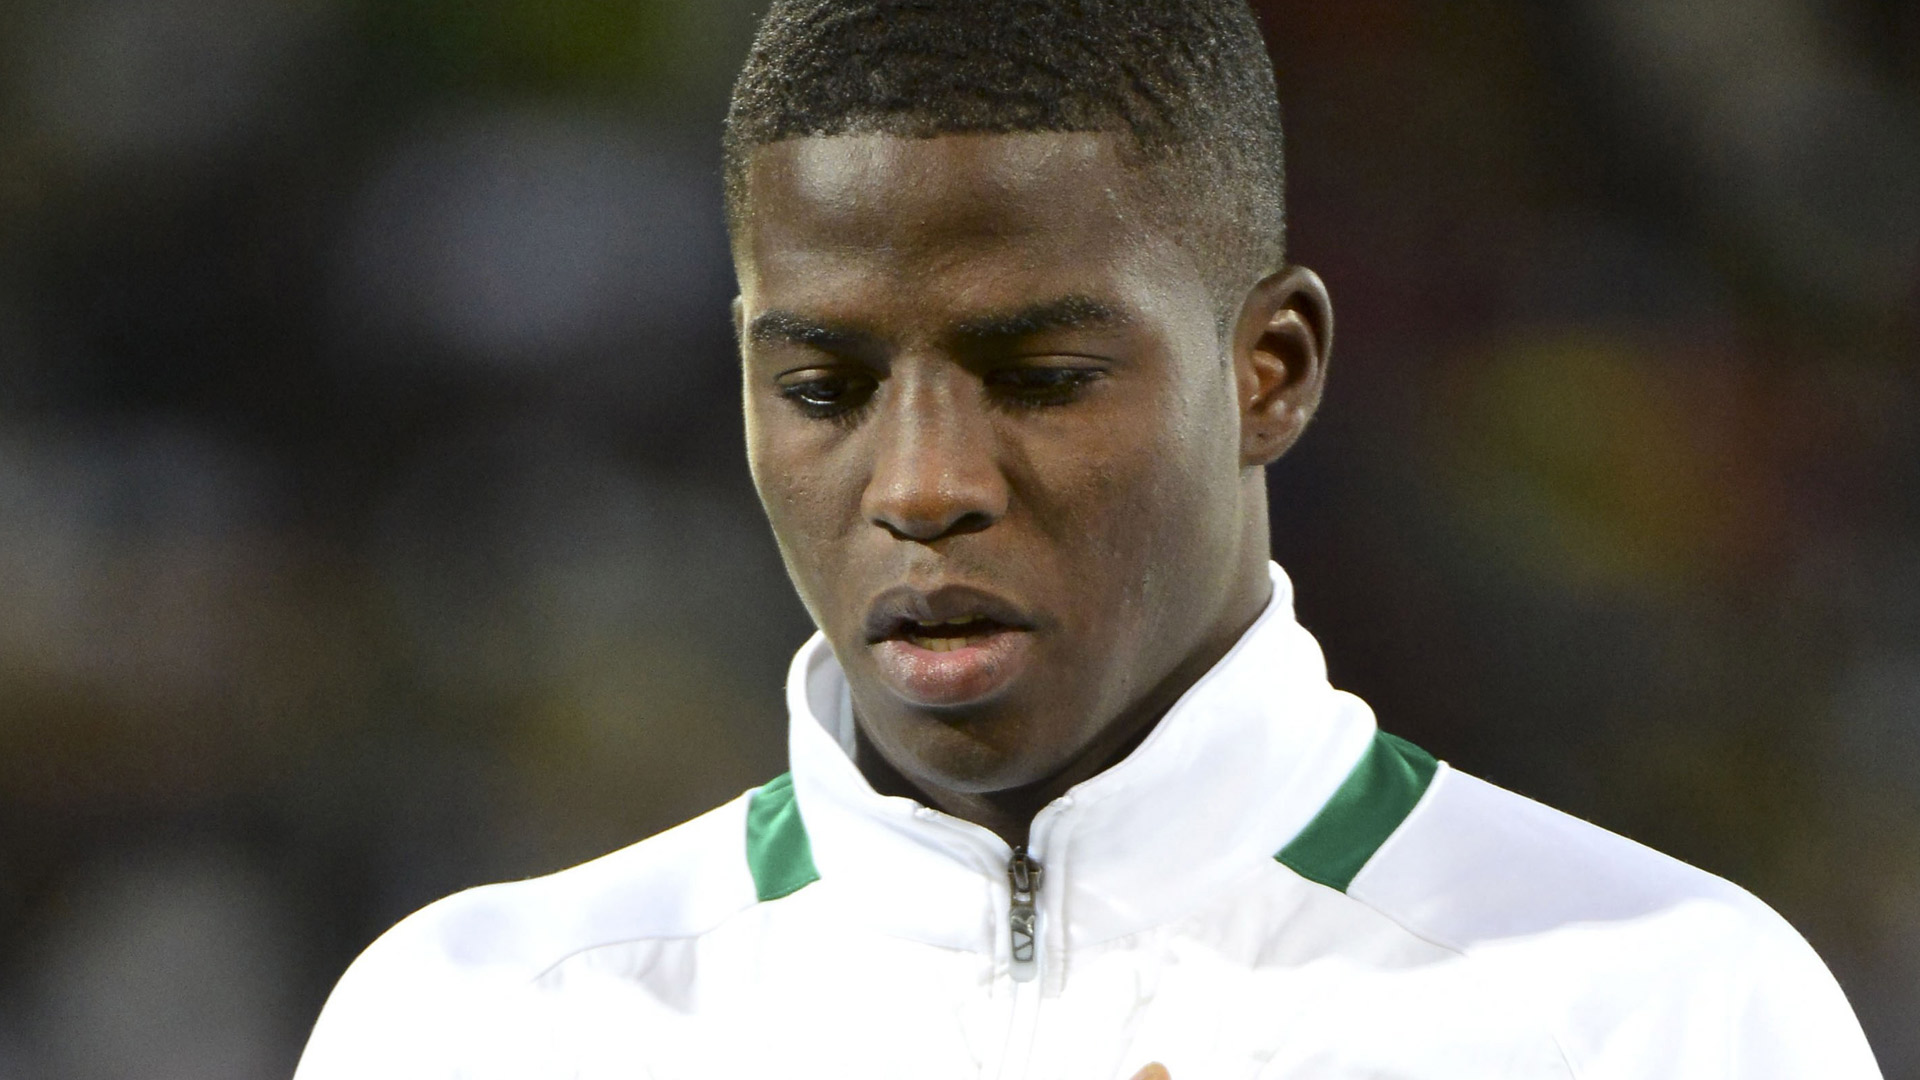 La Federación Alemana de Fútbol espera una declaración de Papy Djilobodji sobre lo sucedido